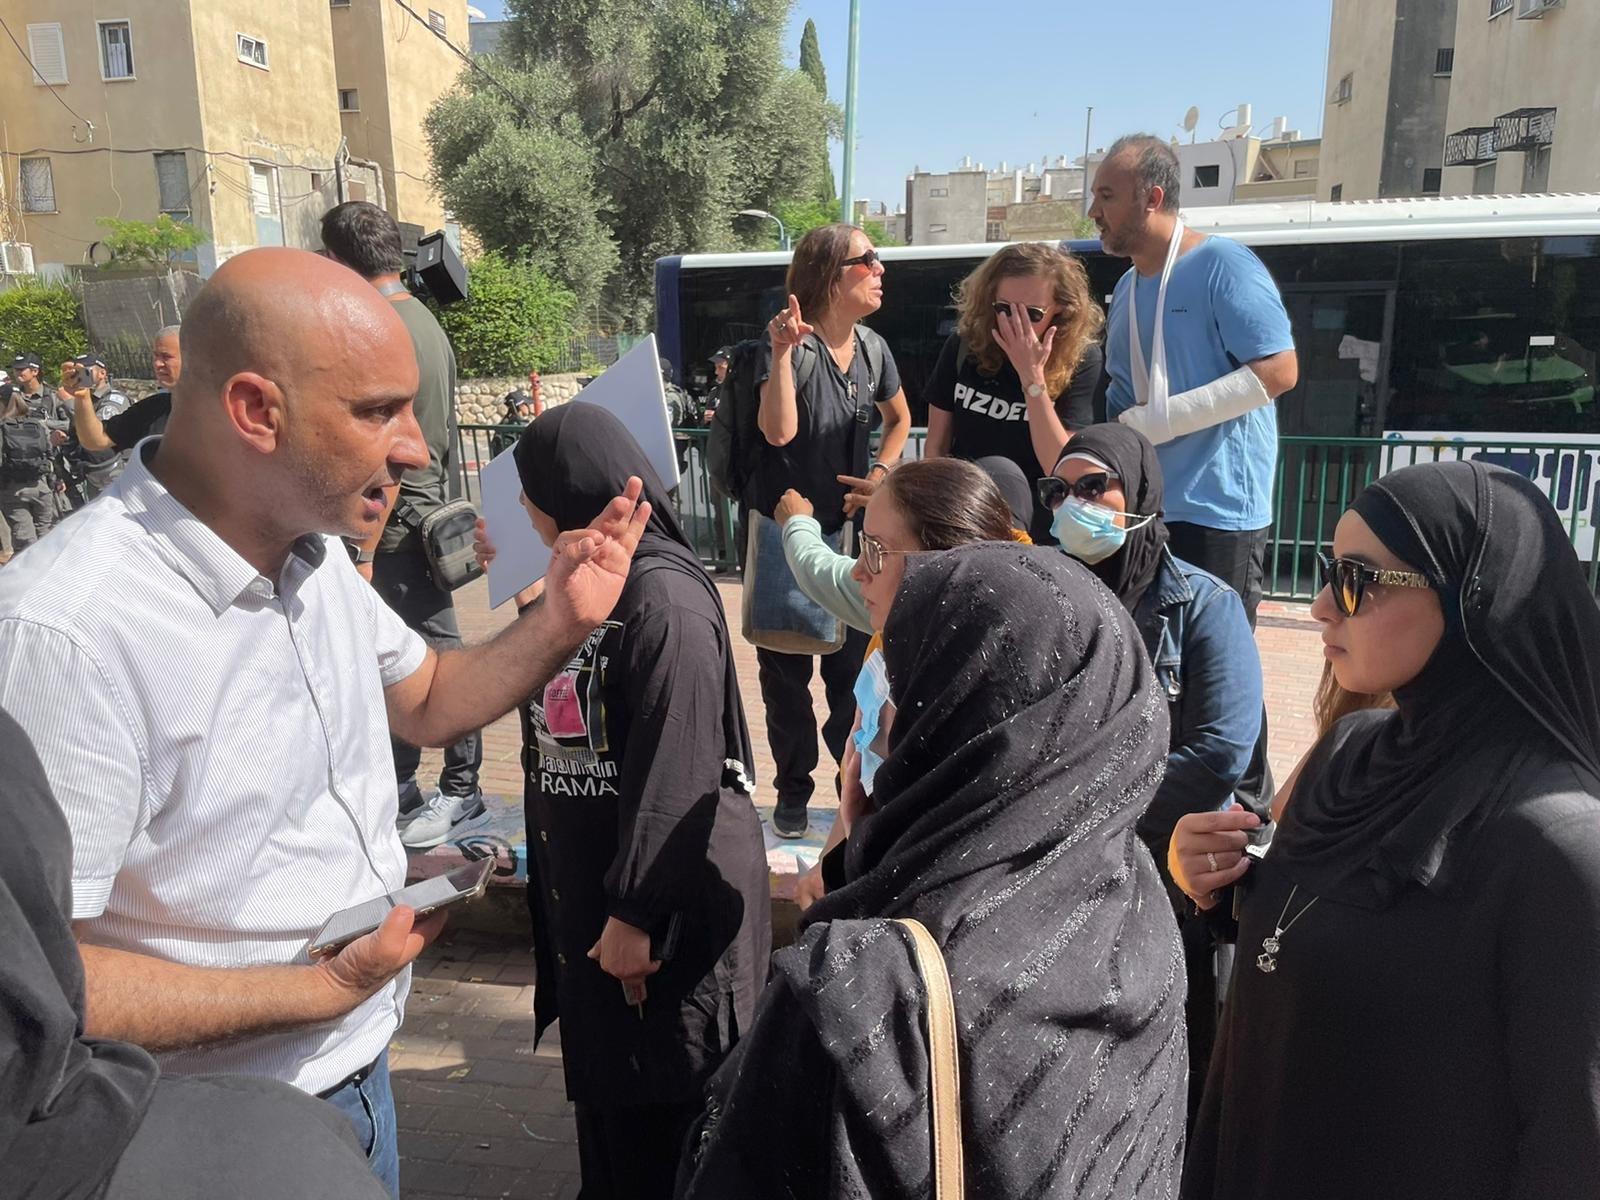 اللد: أهال يتظاهرون ضد محاولات النواة التوراتية والبلدية السيطرة على ساحة مدرسة عربية!-3